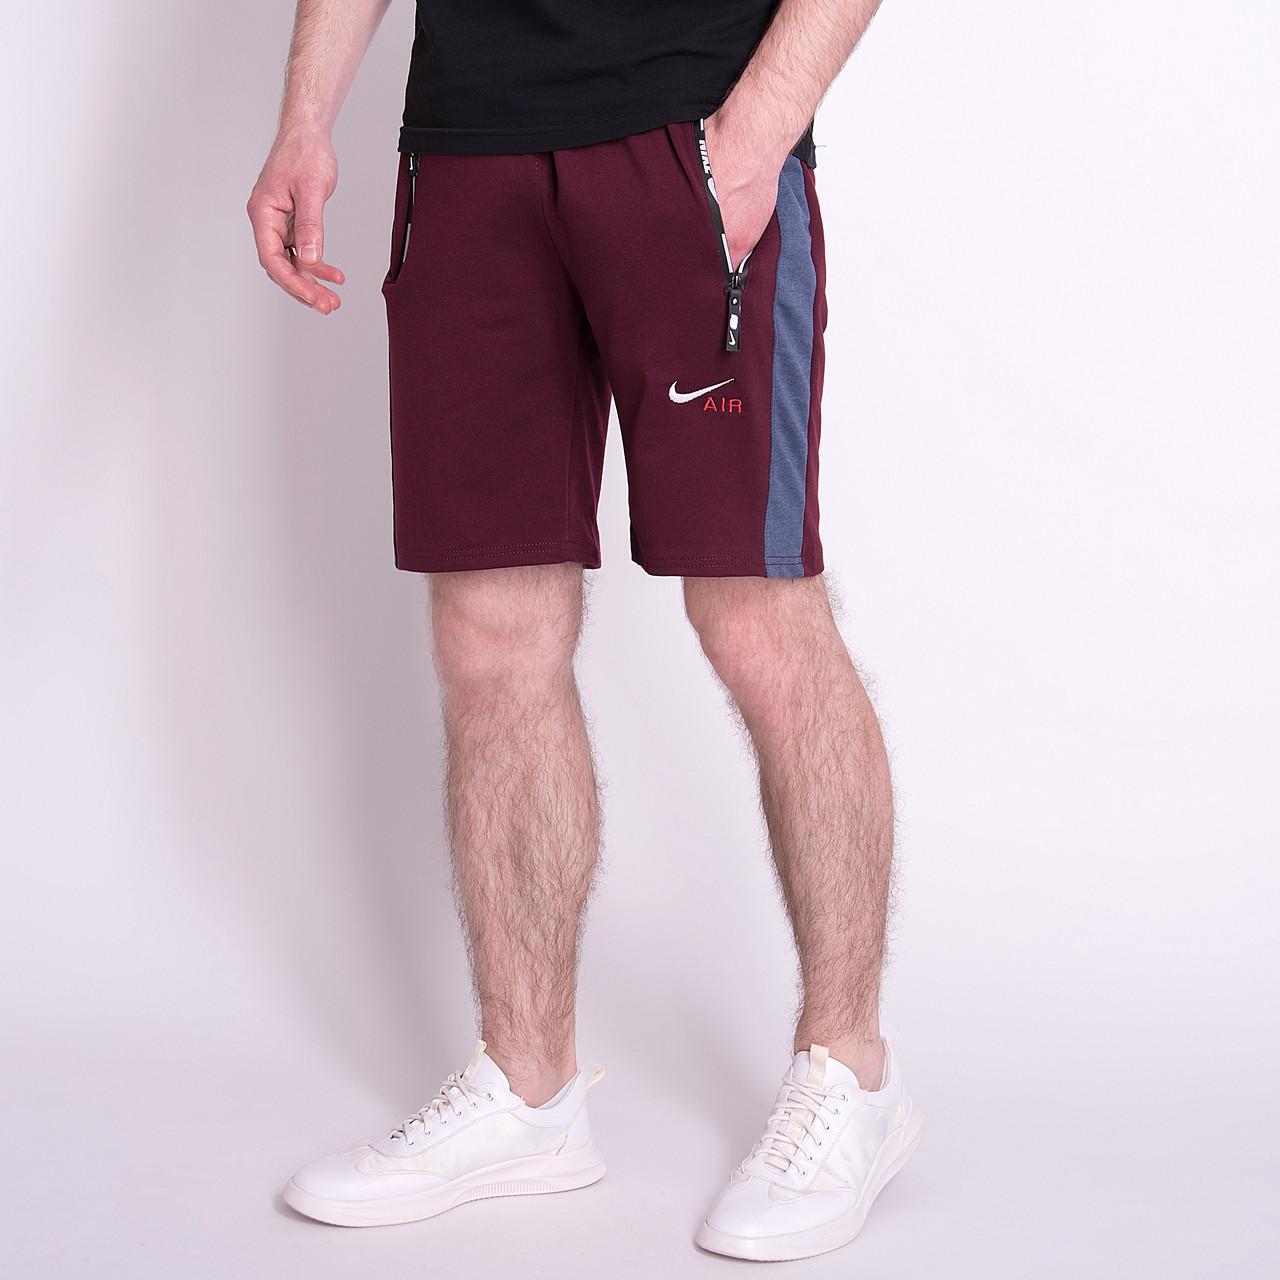 Чоловічі трикотажні шорти NIKE, кольору бордо.